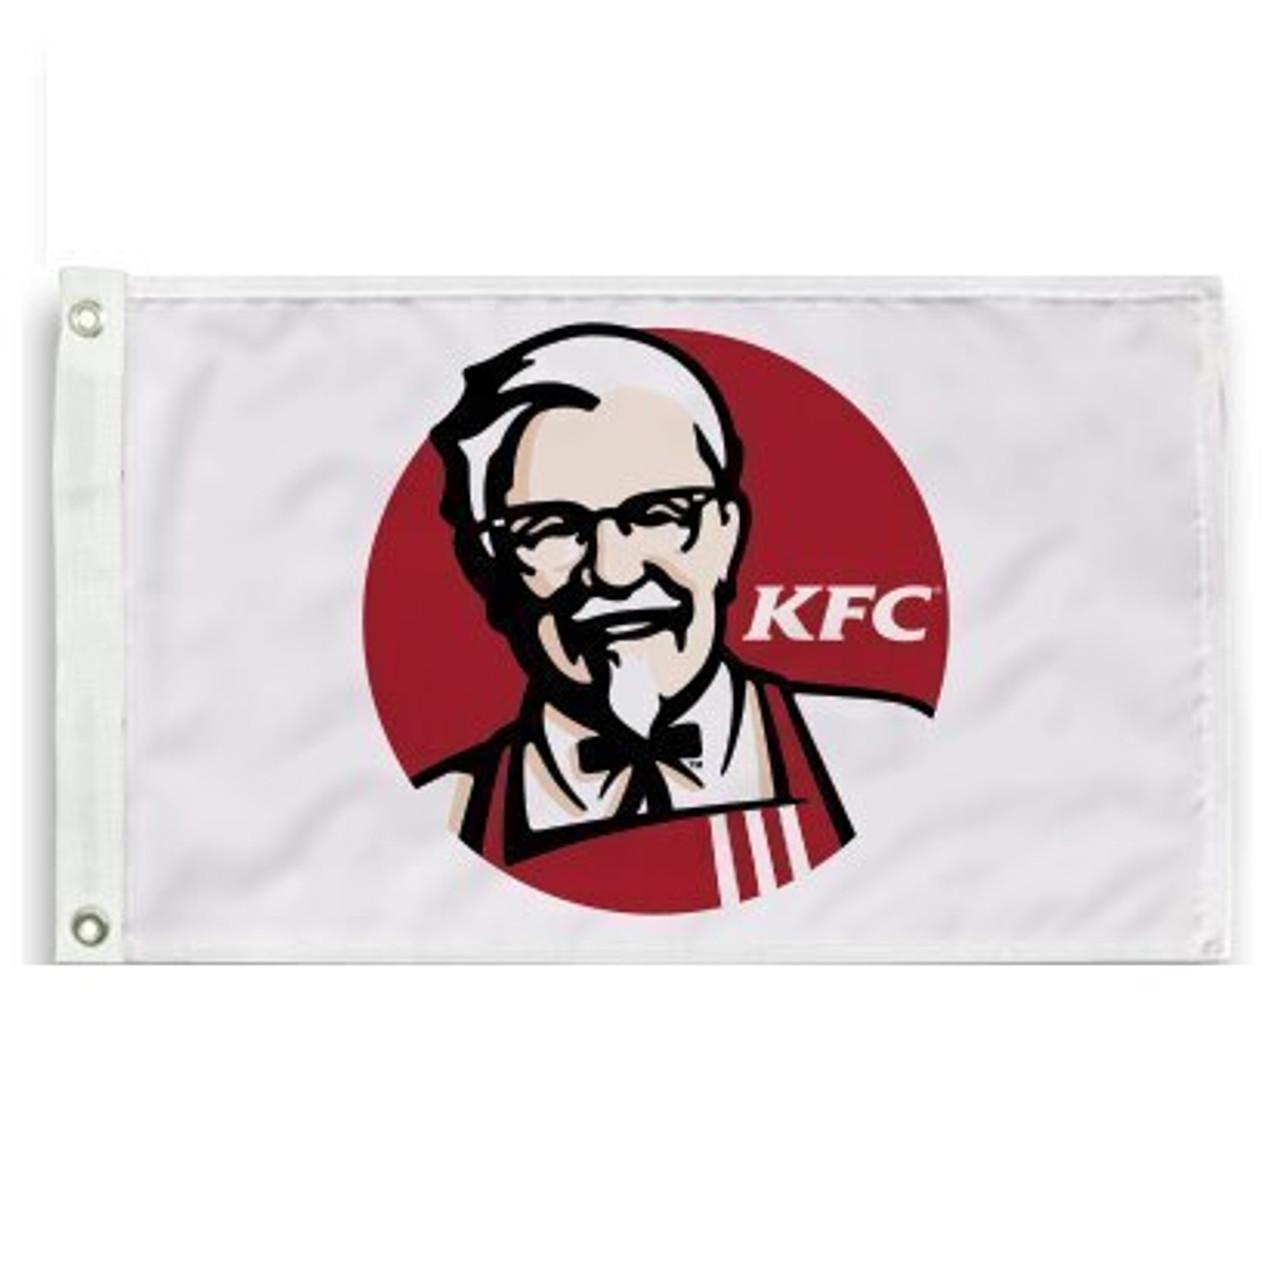 KFC Flag